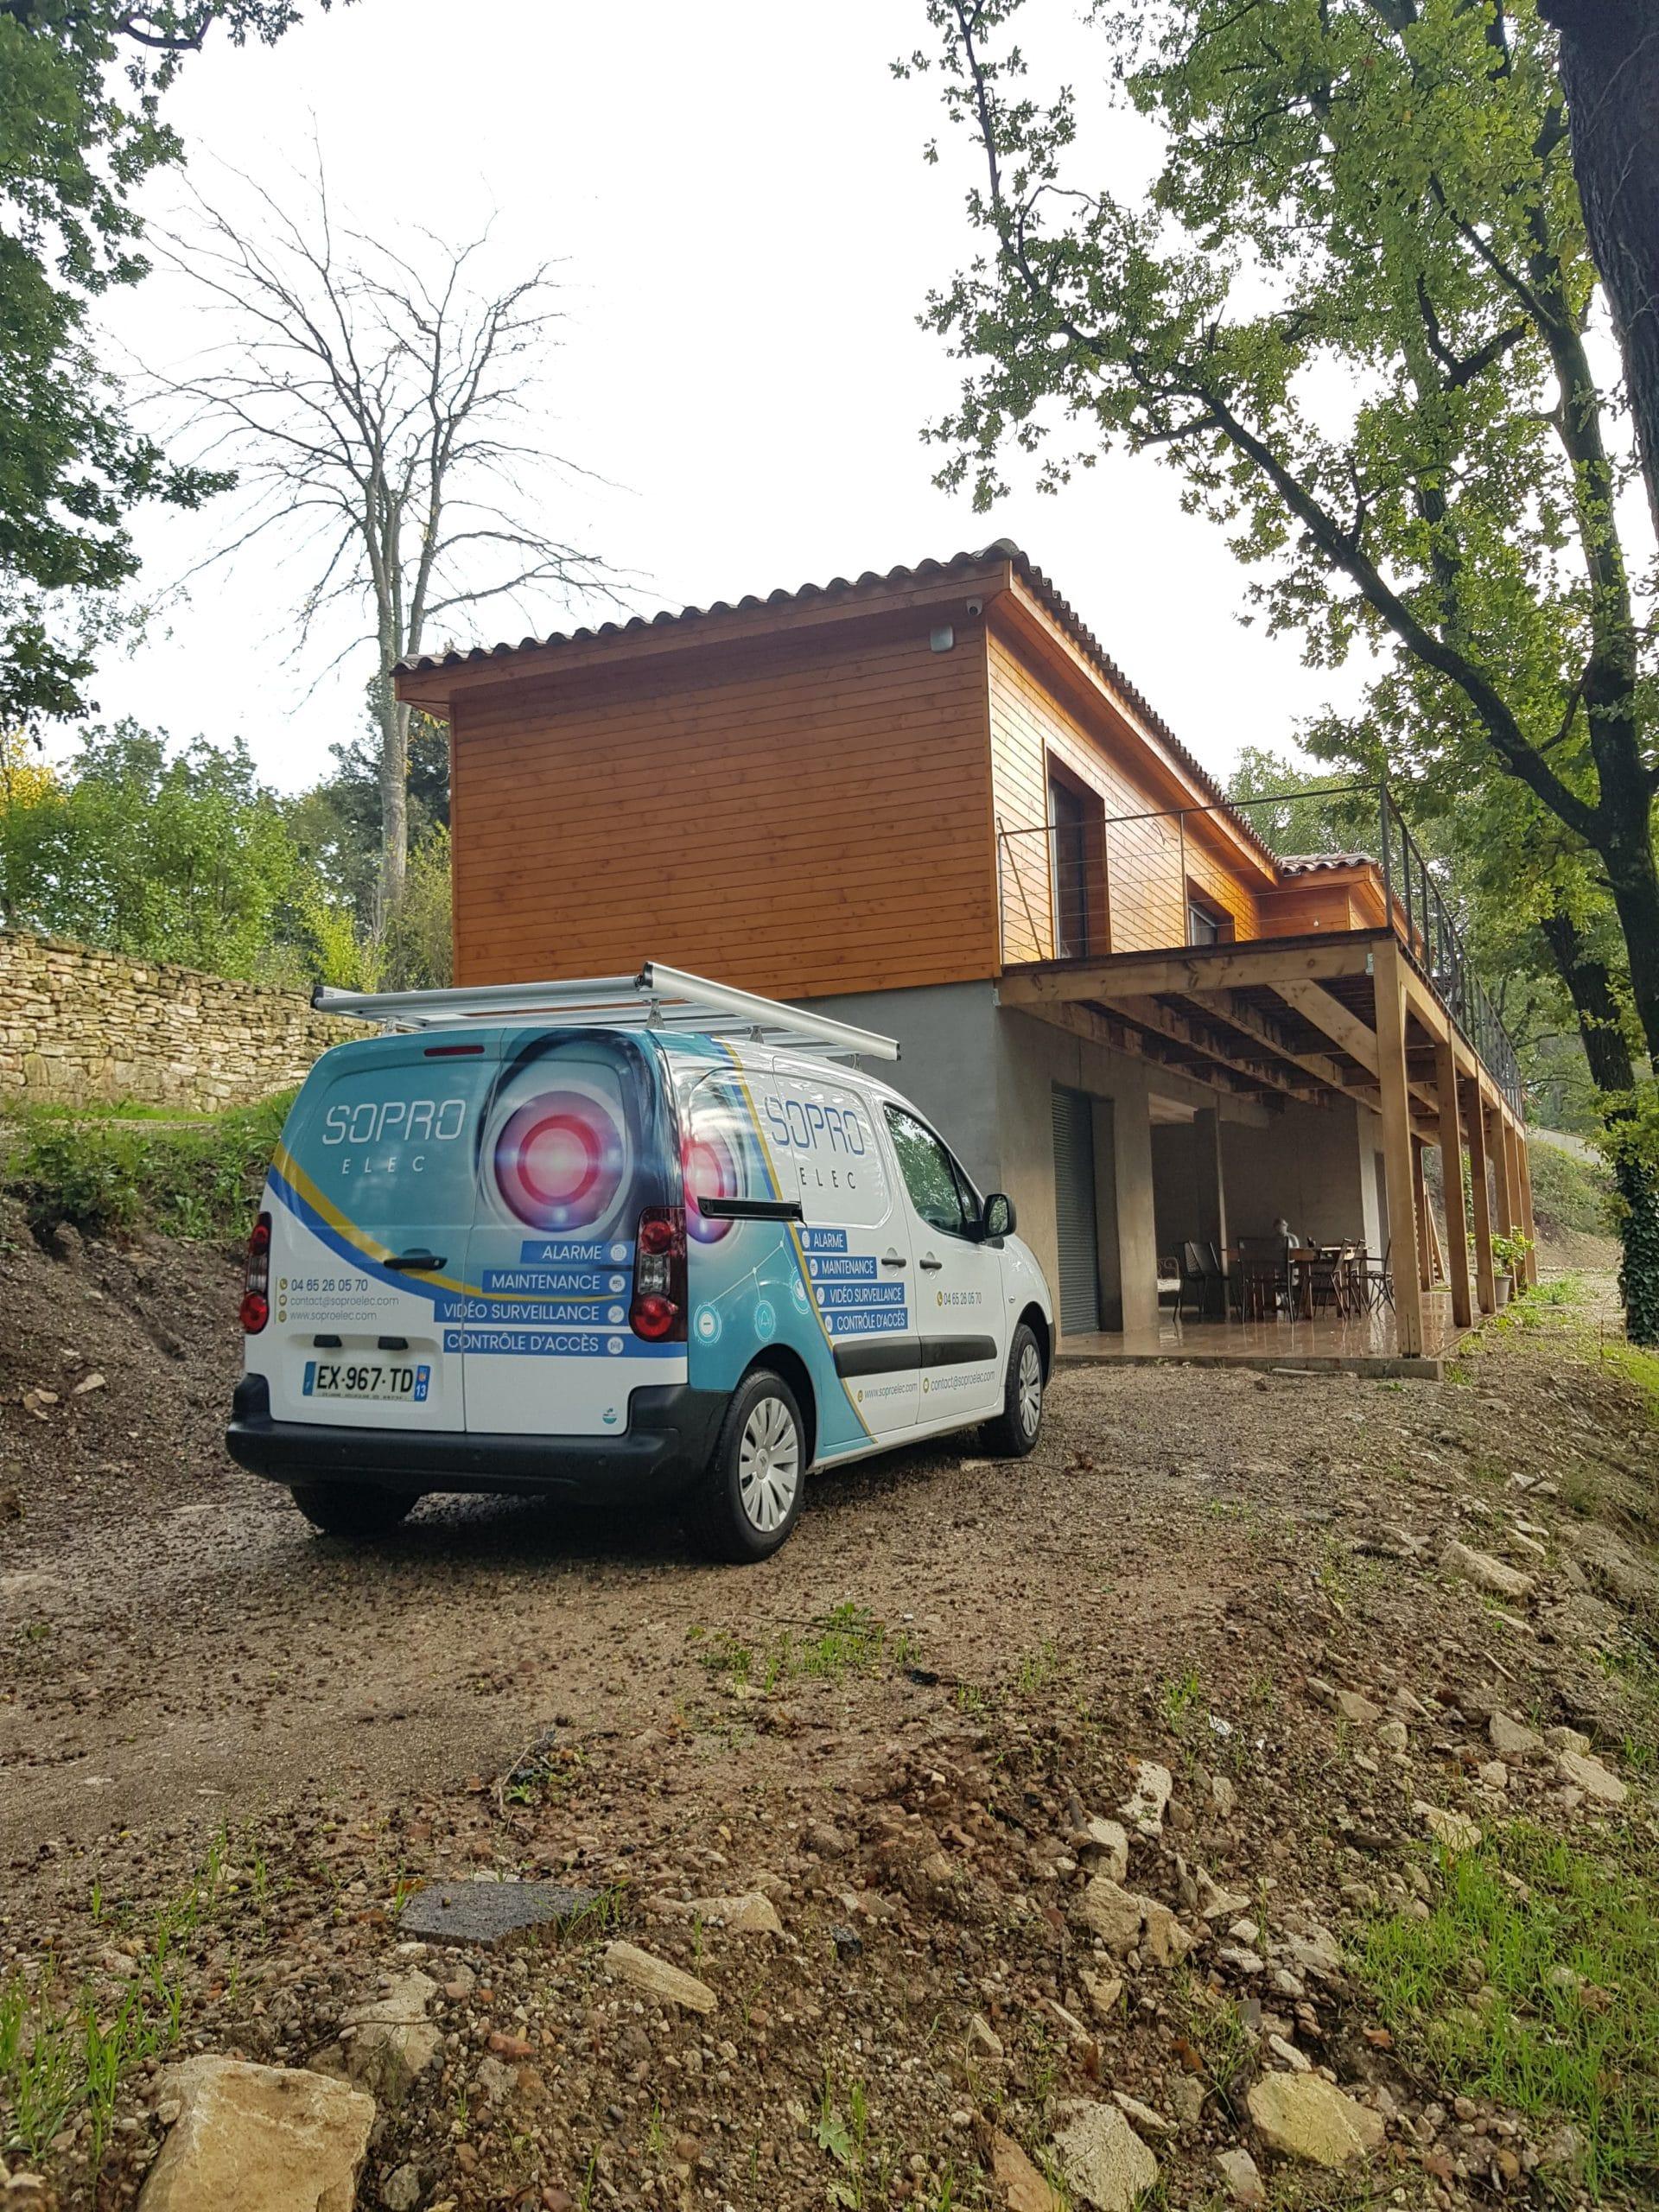 Installation d'alarme et 2 caméras de vidéosurveillance vision nocturne de 50m pour une maison de 2 étages à Eguilles